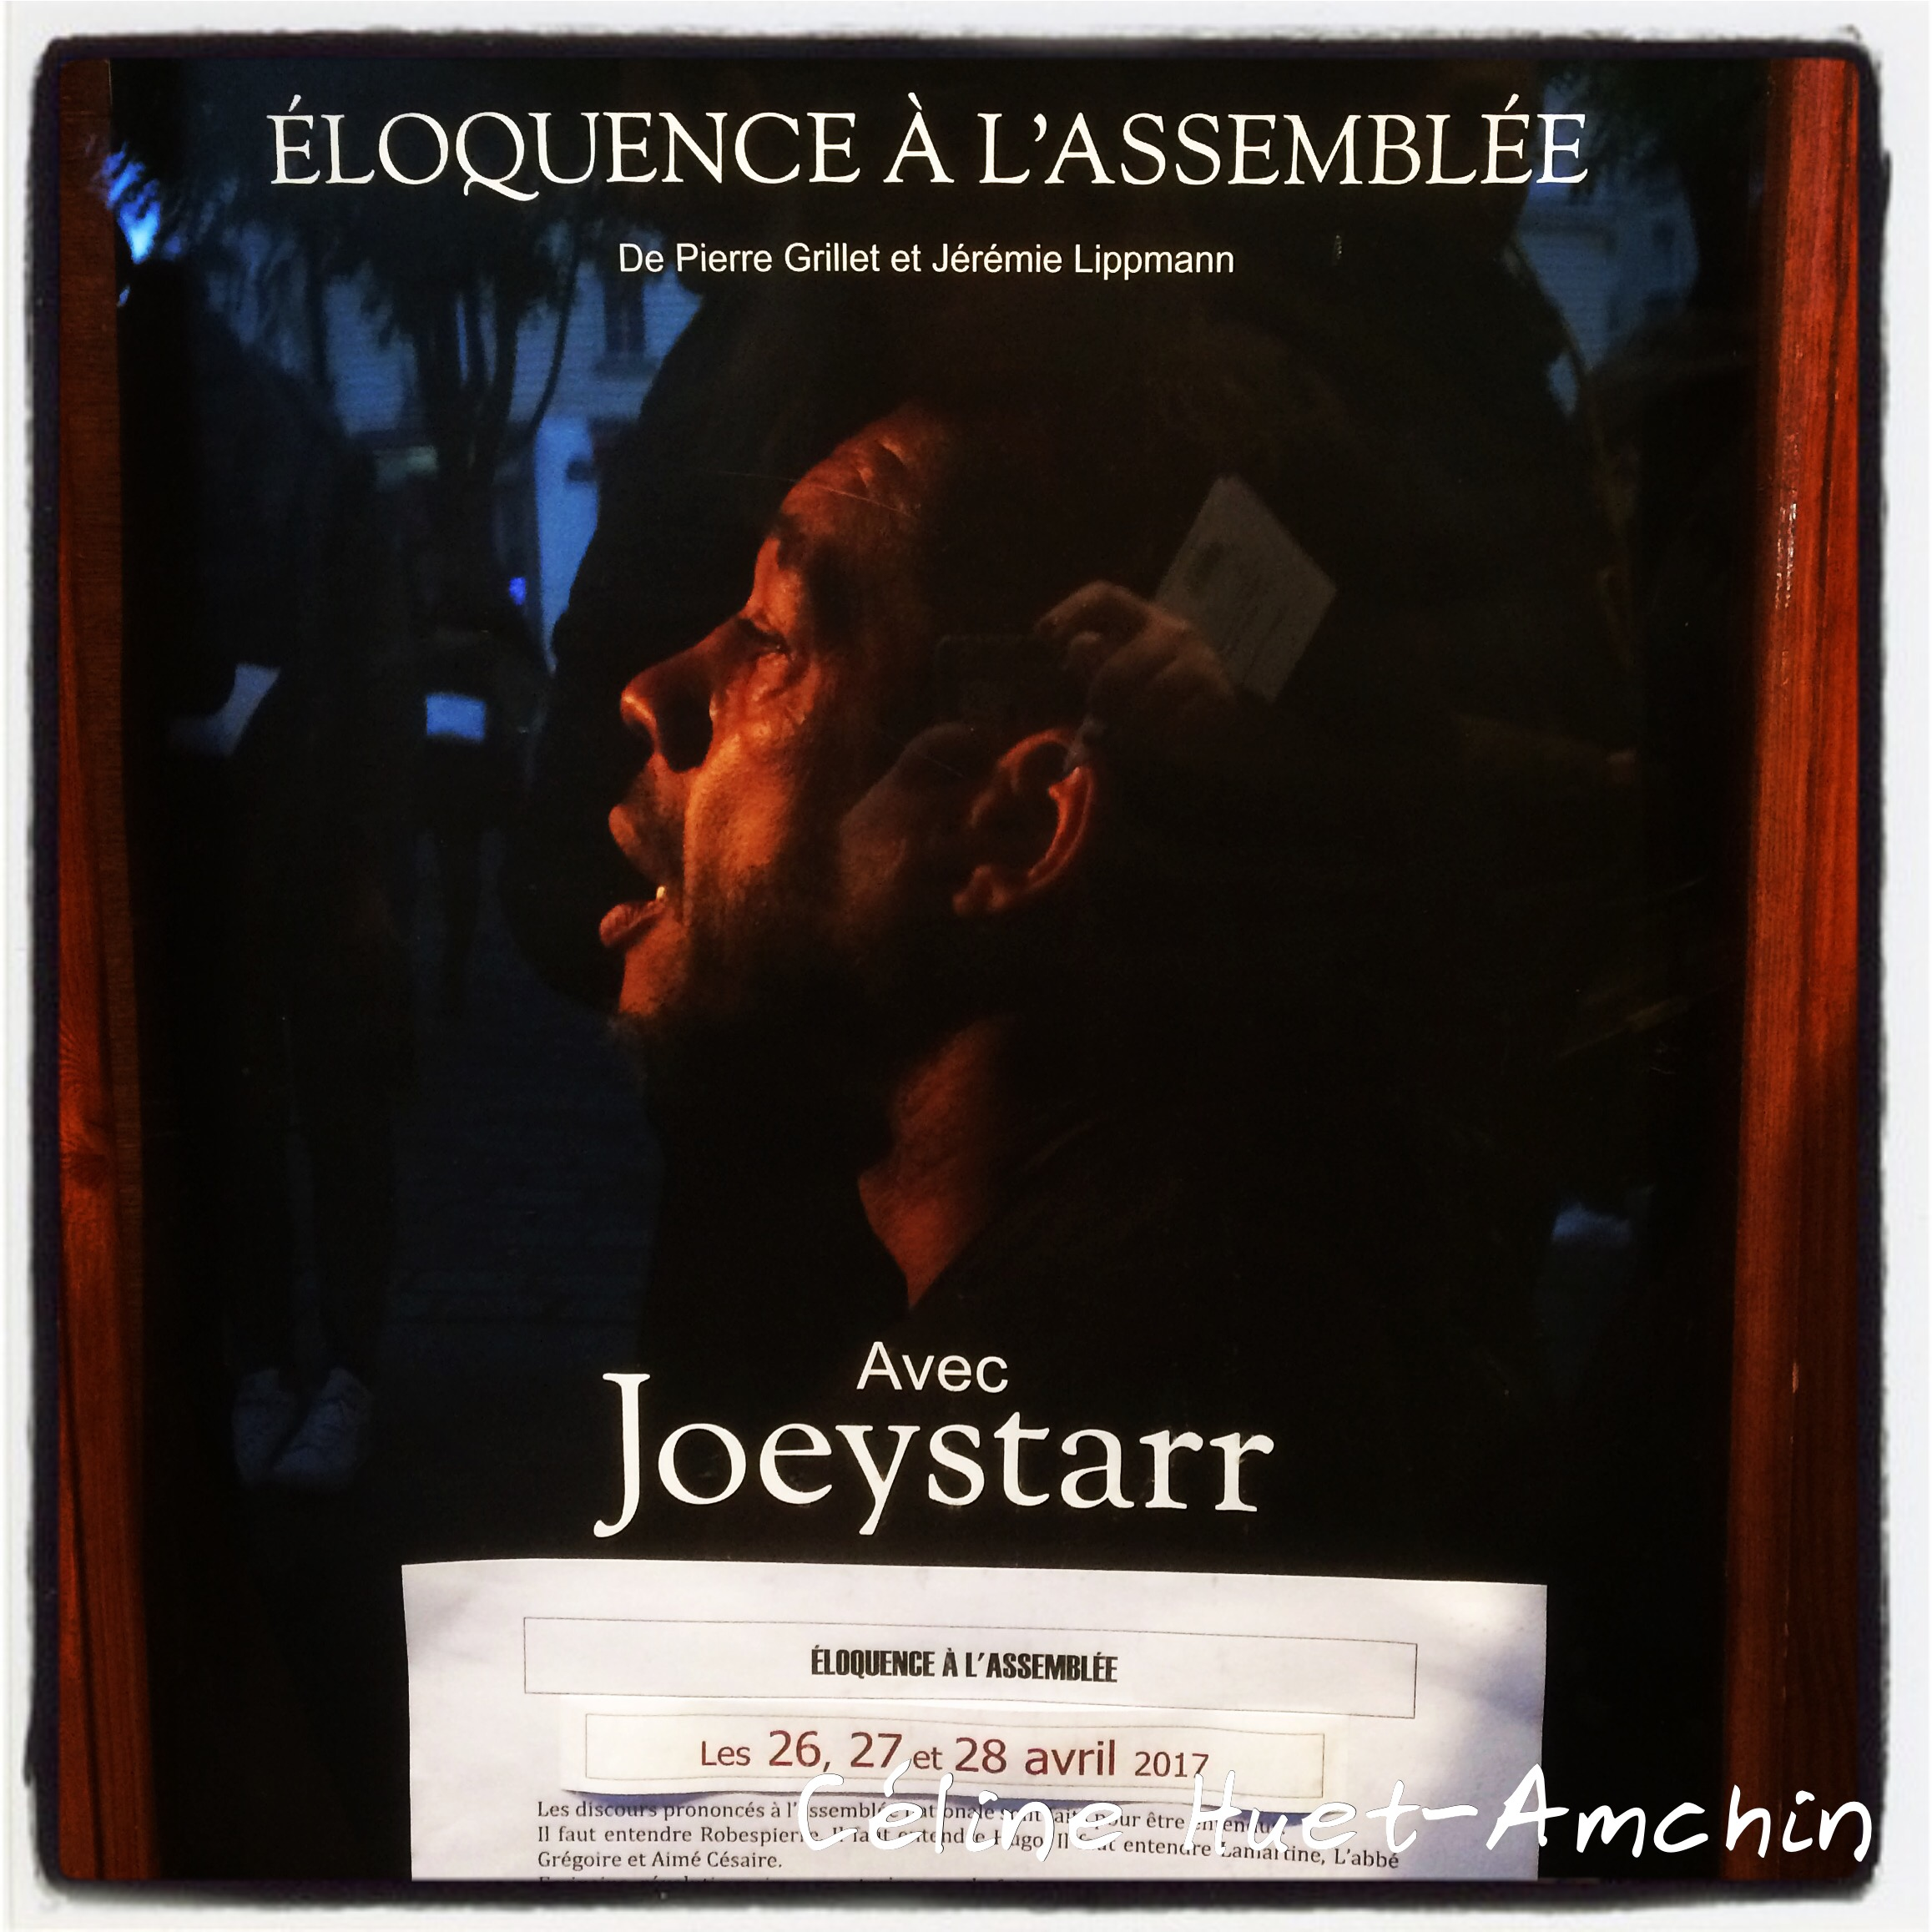 Eloquence à l'Assemblée Joey Starr Théâtre de l'Atelier